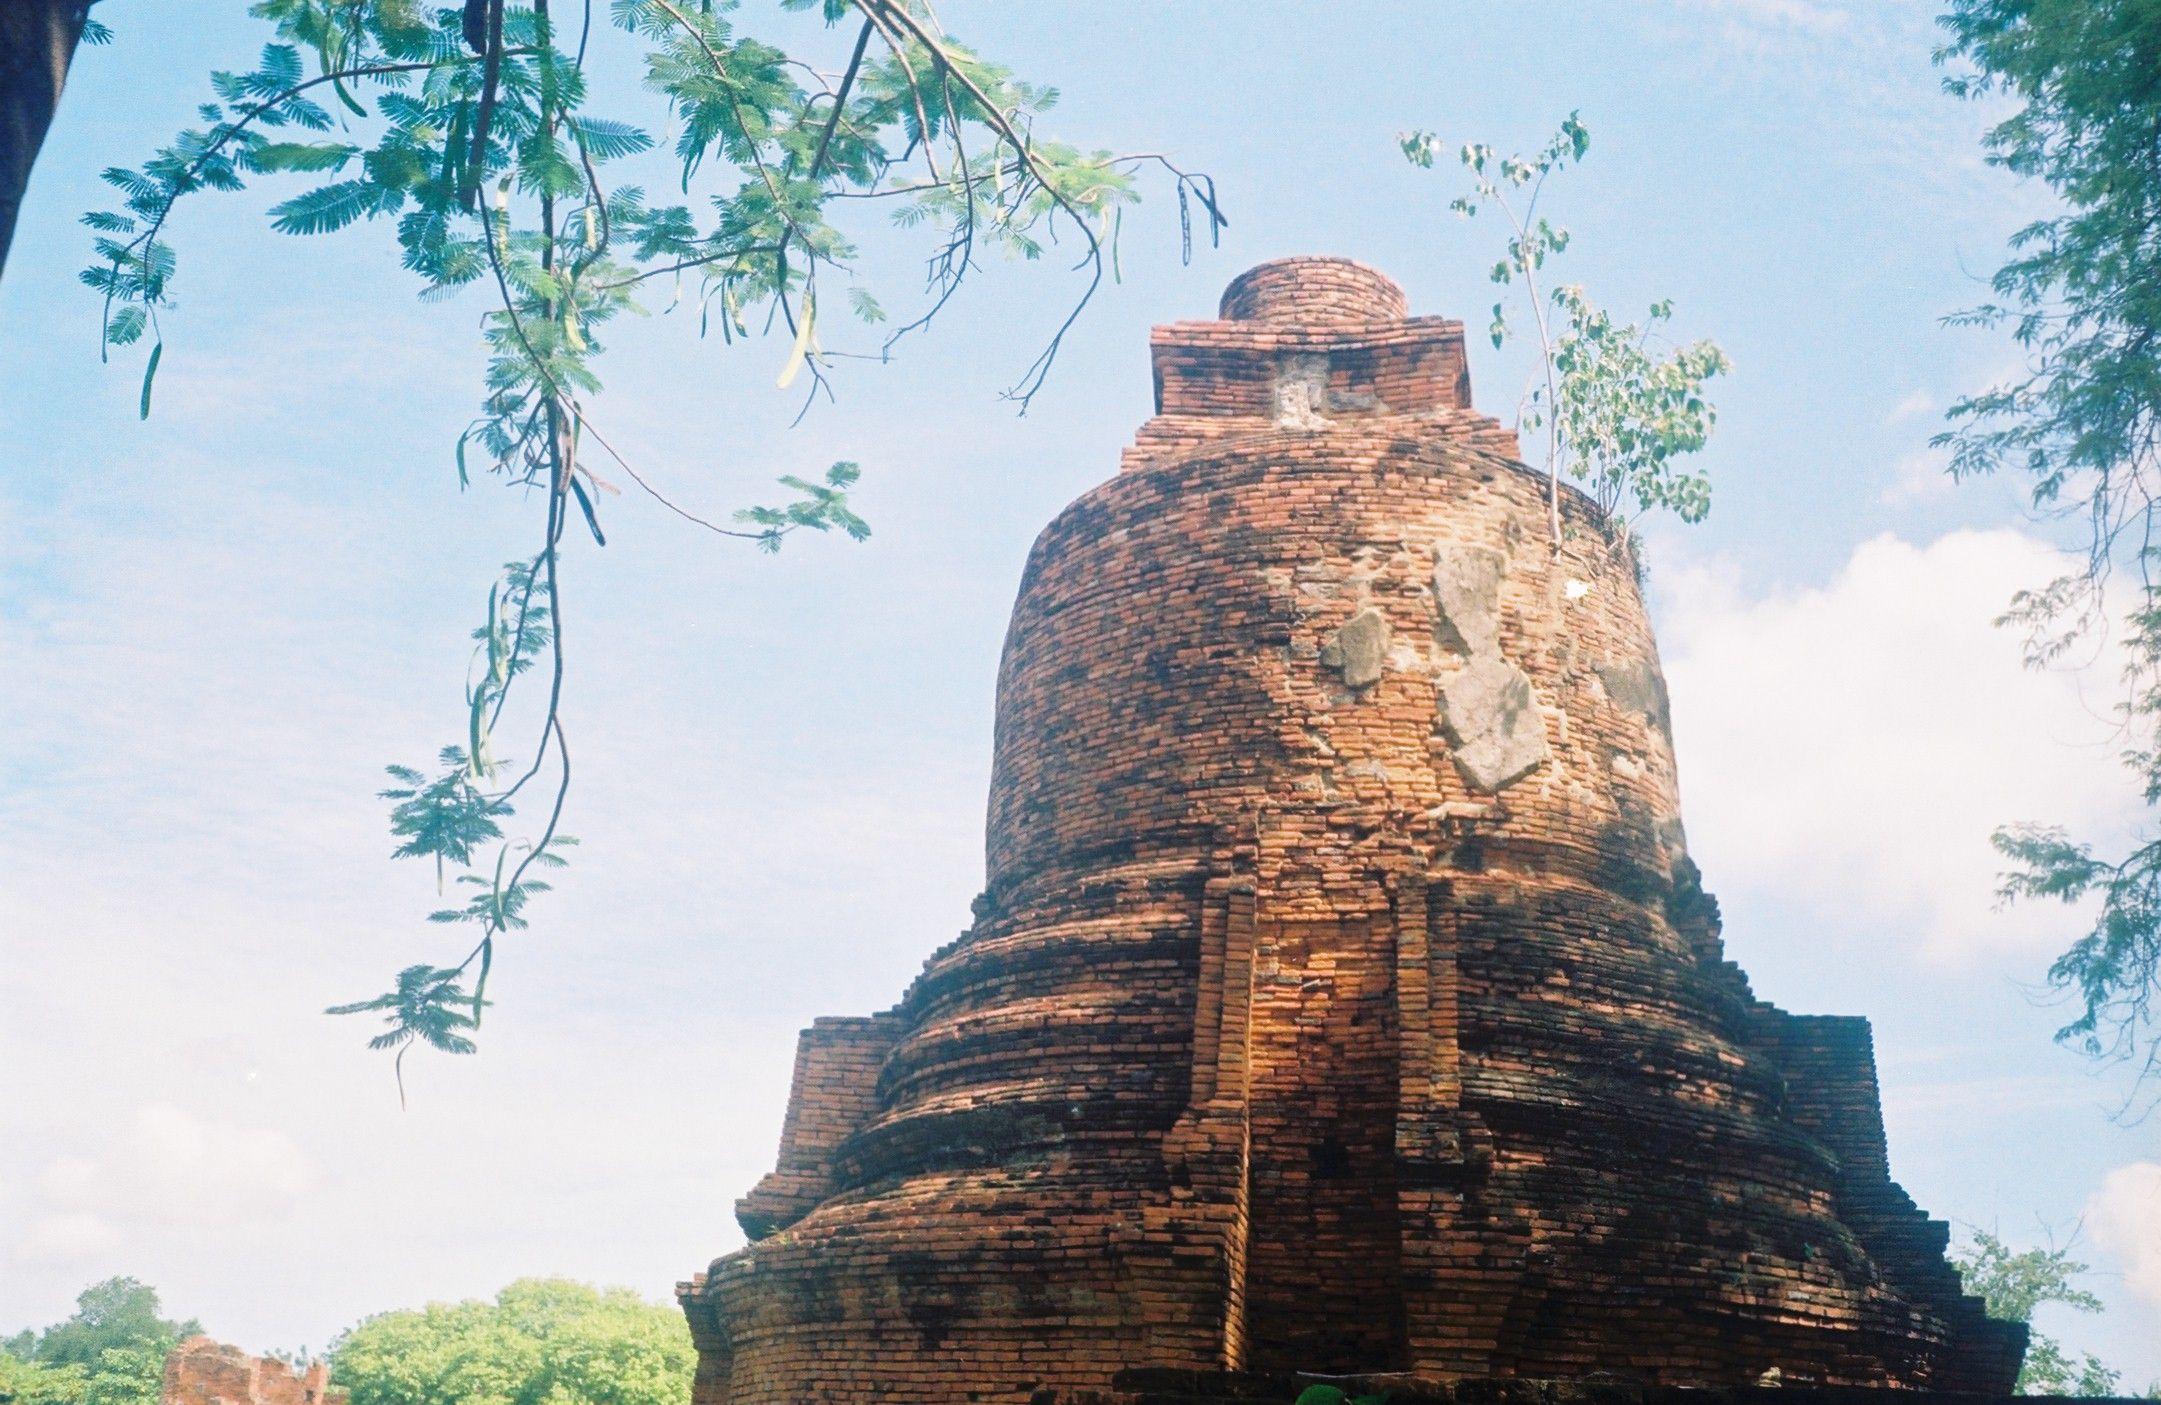 เจดีย์ราย รอบบริเวณพระราชวังโบราณ จังหวัดพระนครศรีอยุธยา  Phra Nakhon Si Ayutthaya, Thailand. This pagoda is at the ancient grand palace, once was the capital of the Kingdom Ayutthaya.  #Olympus #Trip #35 loaded with #Kodak #ProImage #ISO100 #OlympusTrip35  Credit: Myself; @Korapin Lingba